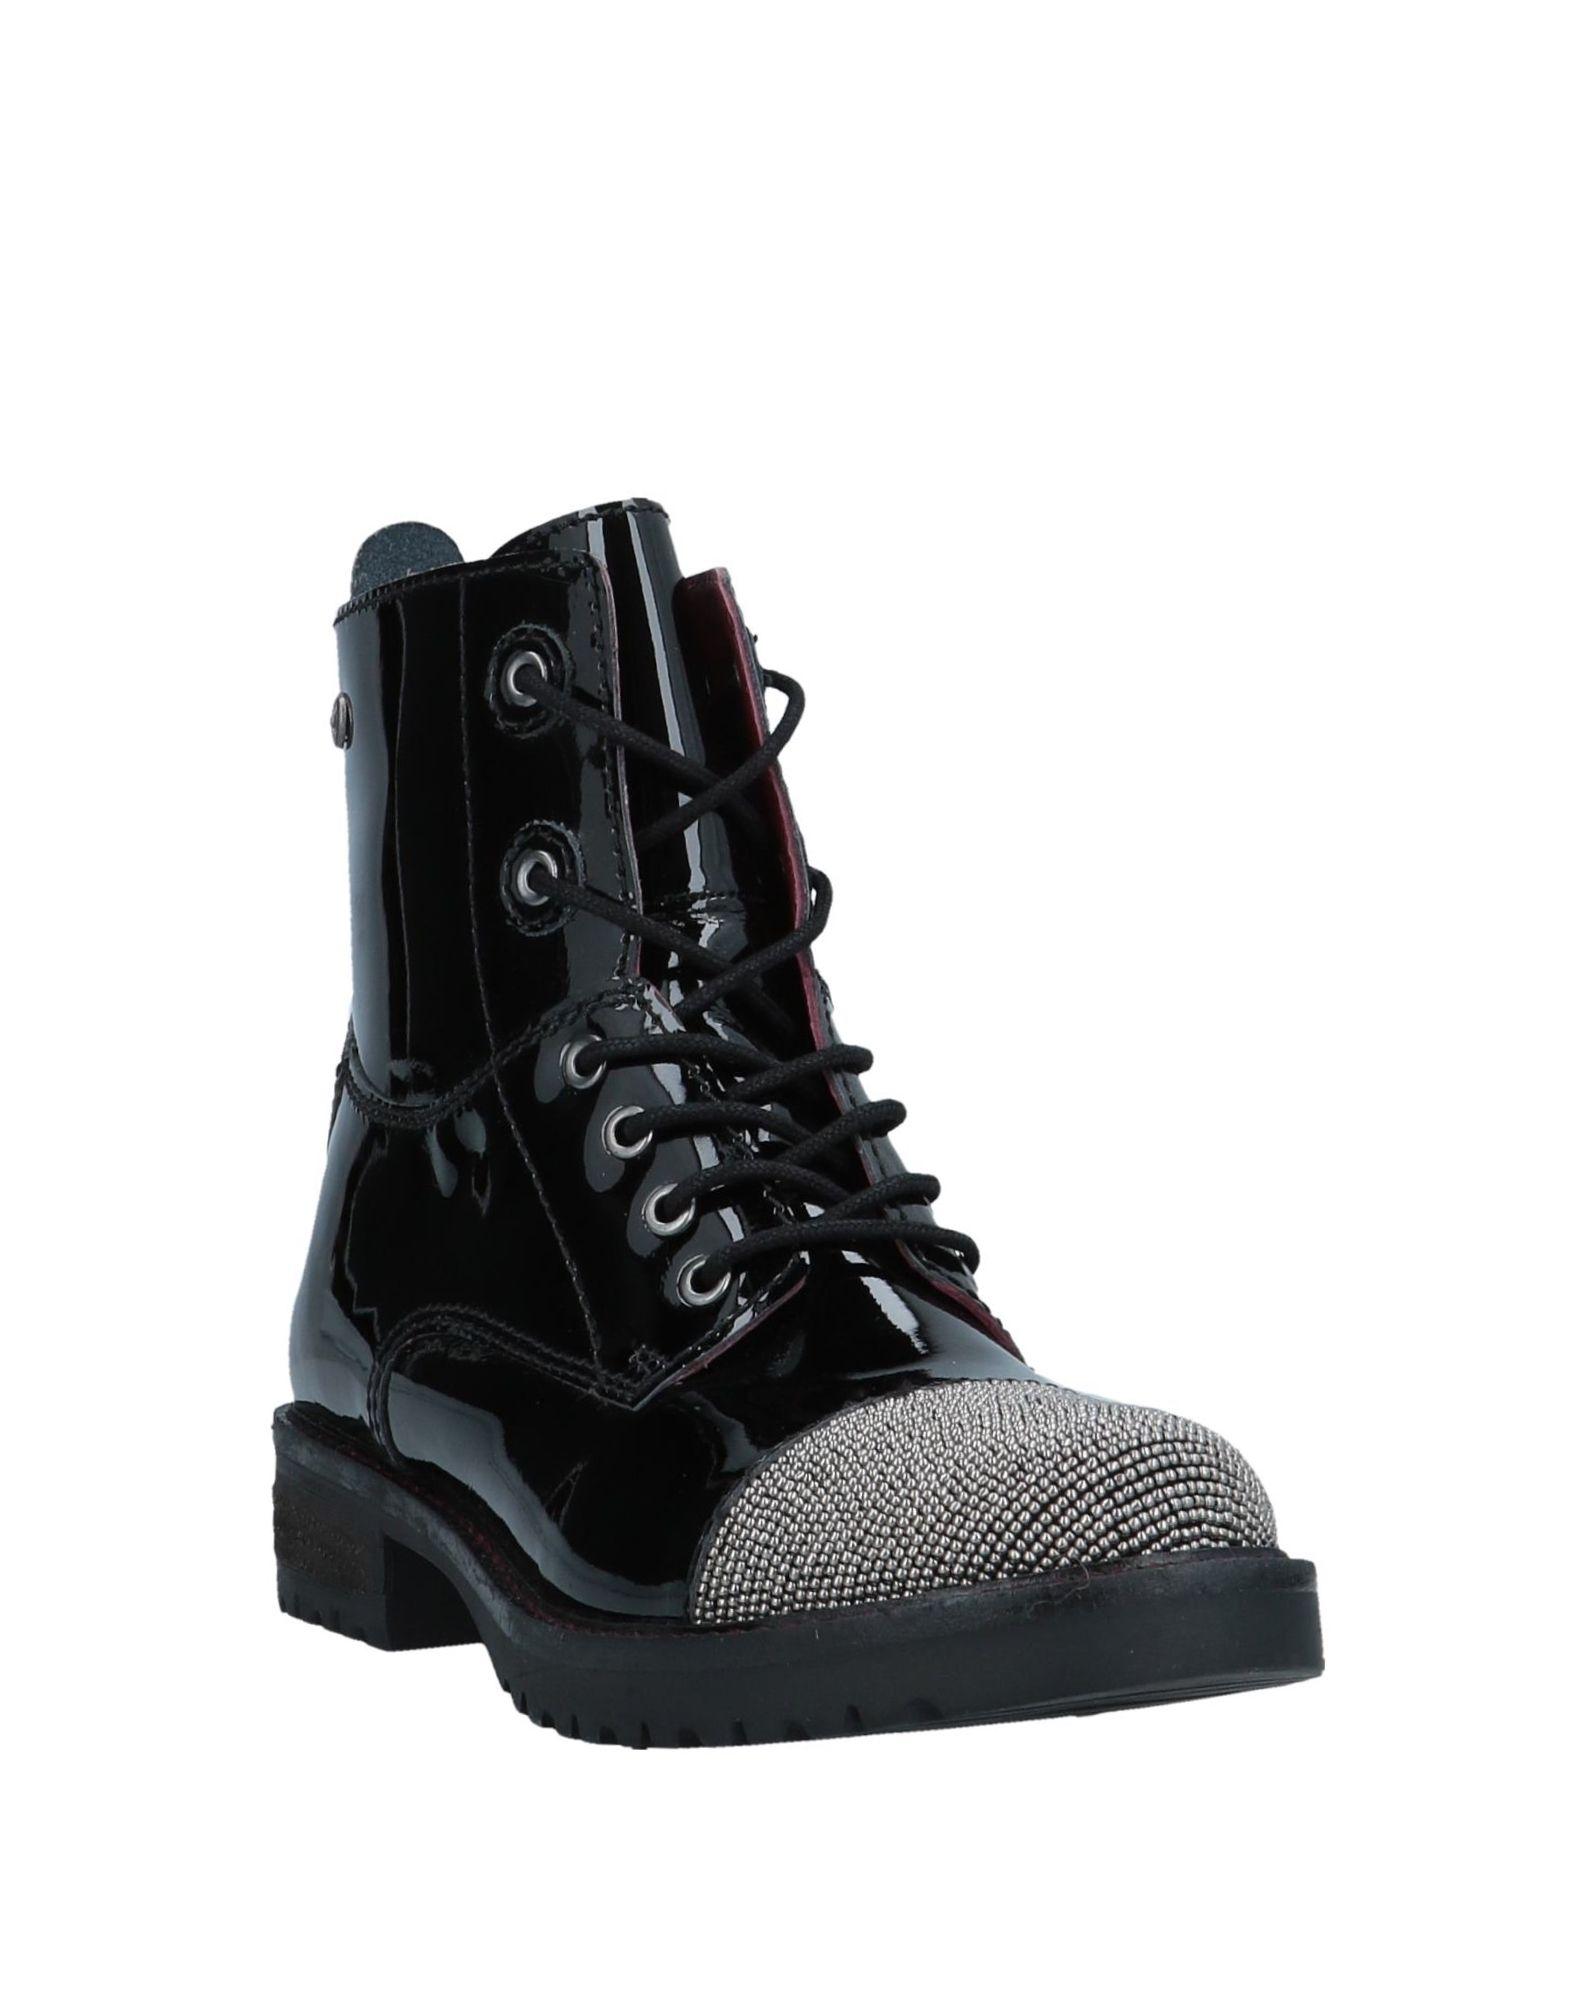 Apepazza Stiefelette beliebte Damen 11553138MO Gute Qualität beliebte Stiefelette Schuhe 4c722a